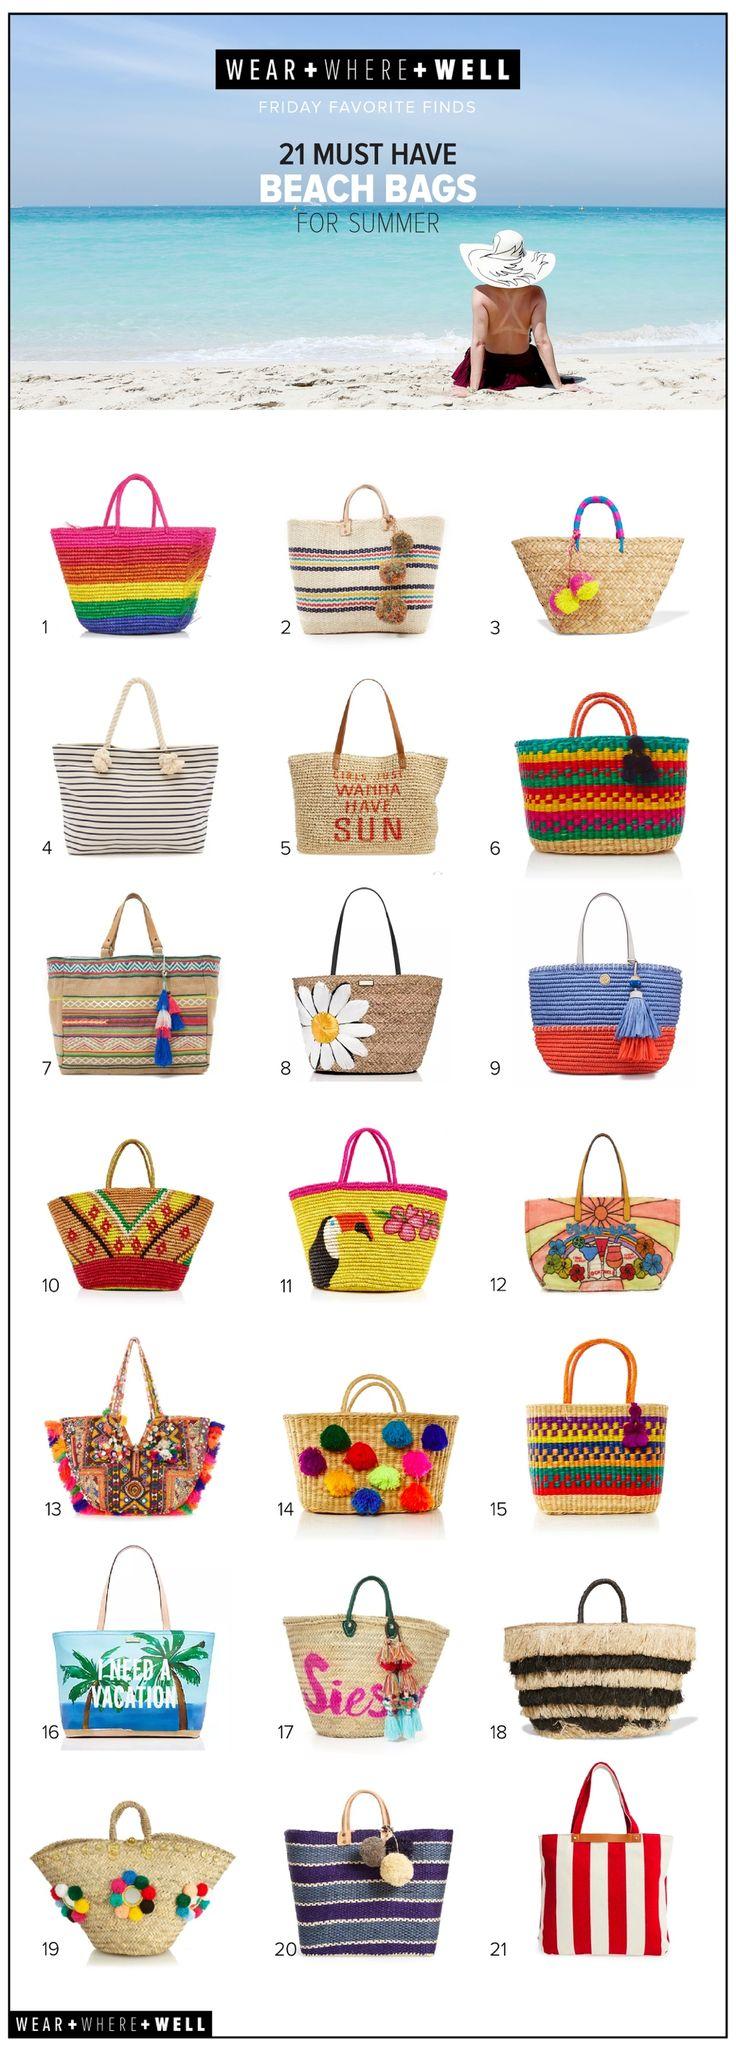 Wear + Where + Well : 21 best beach bags for summer